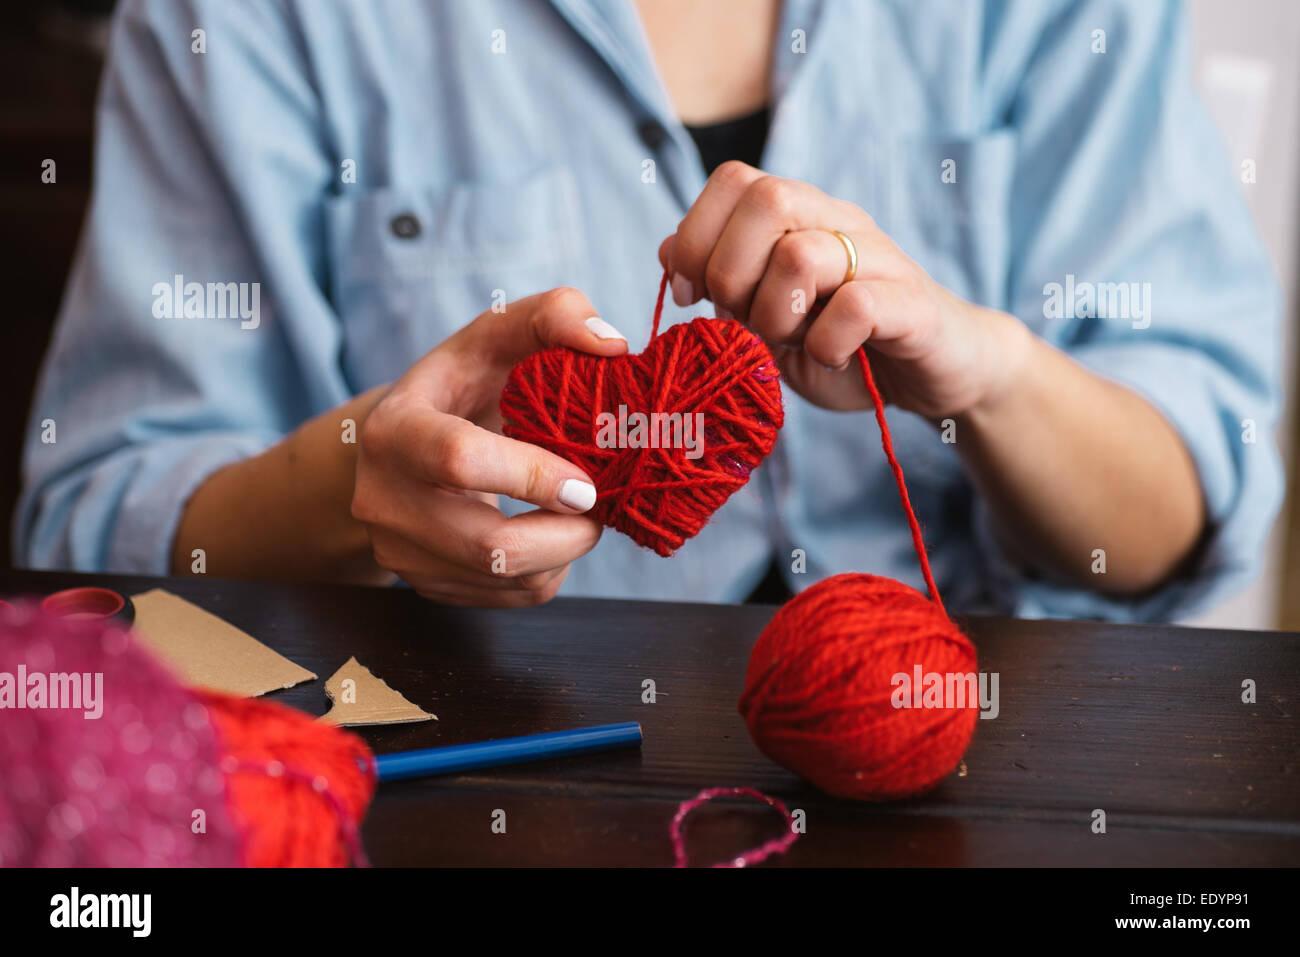 Donna creazione di rosso cuore di lana Immagini Stock